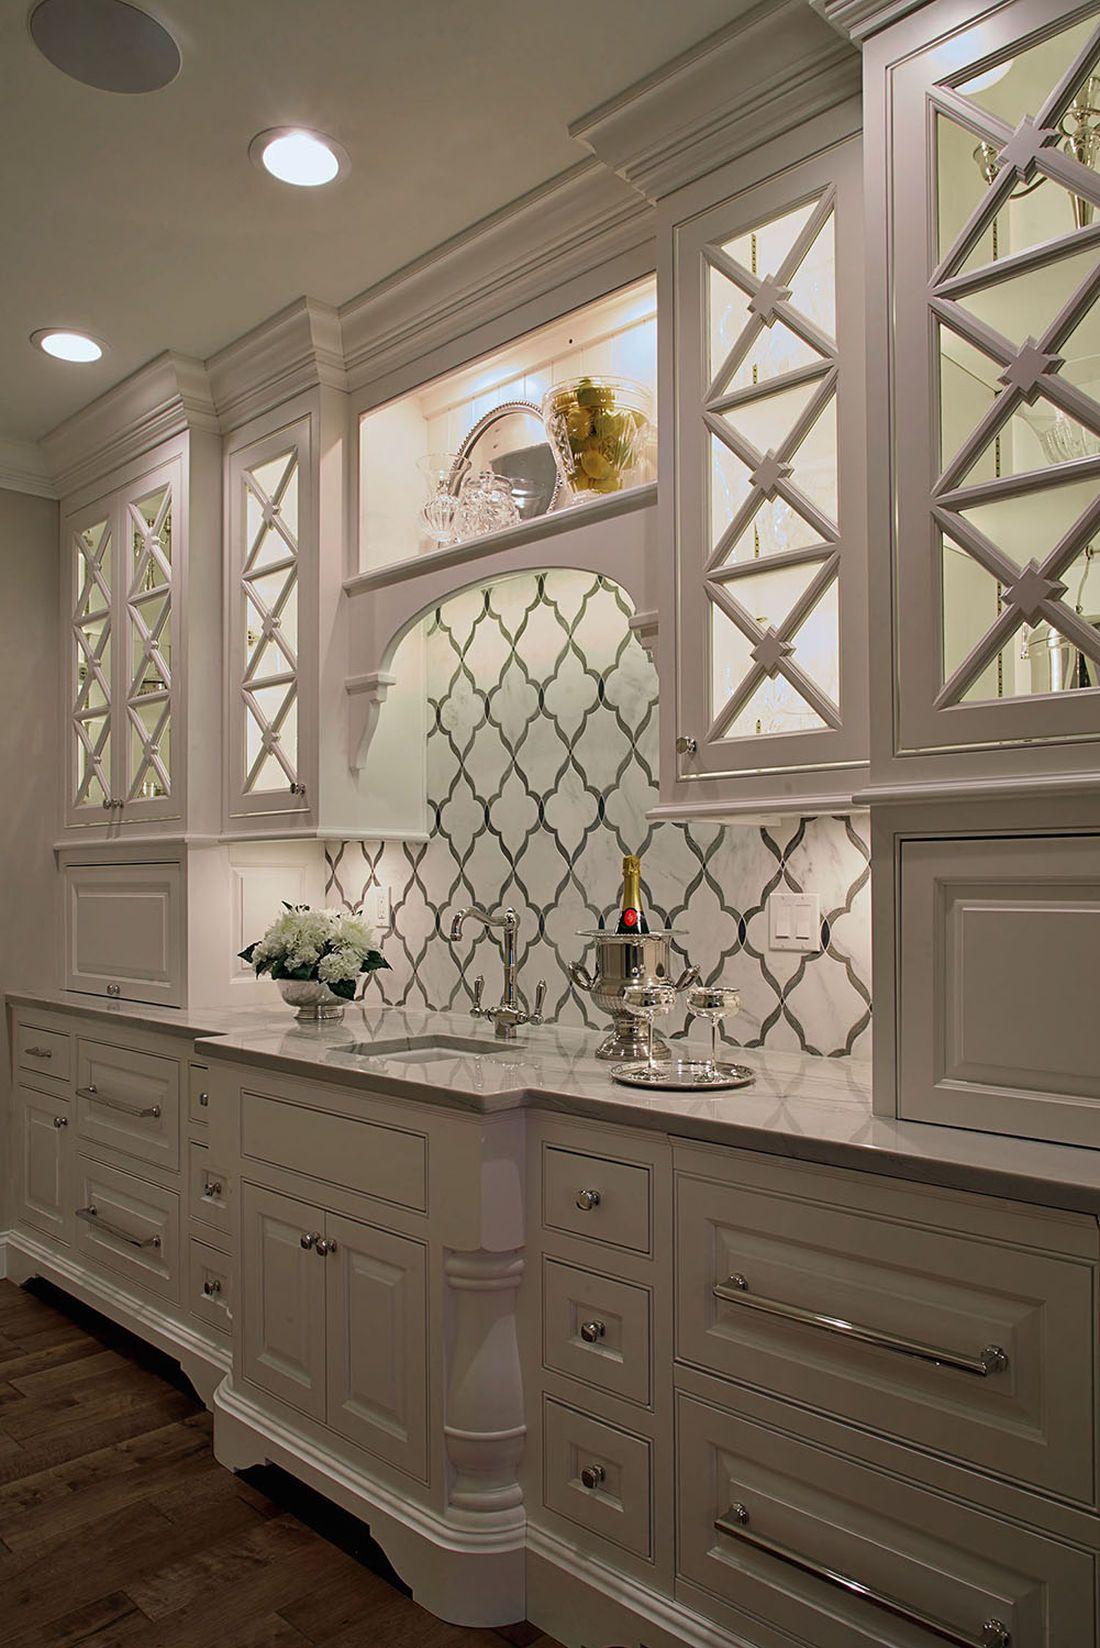 Dw Peoria Heights 11 Luxury Kitchens Luxury Kitchen Kitchen Interior